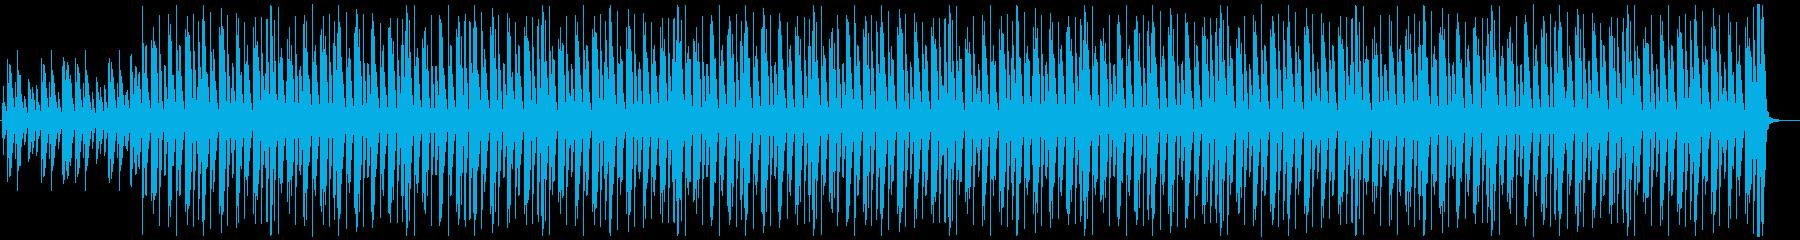 ミニマルでコミカルの再生済みの波形